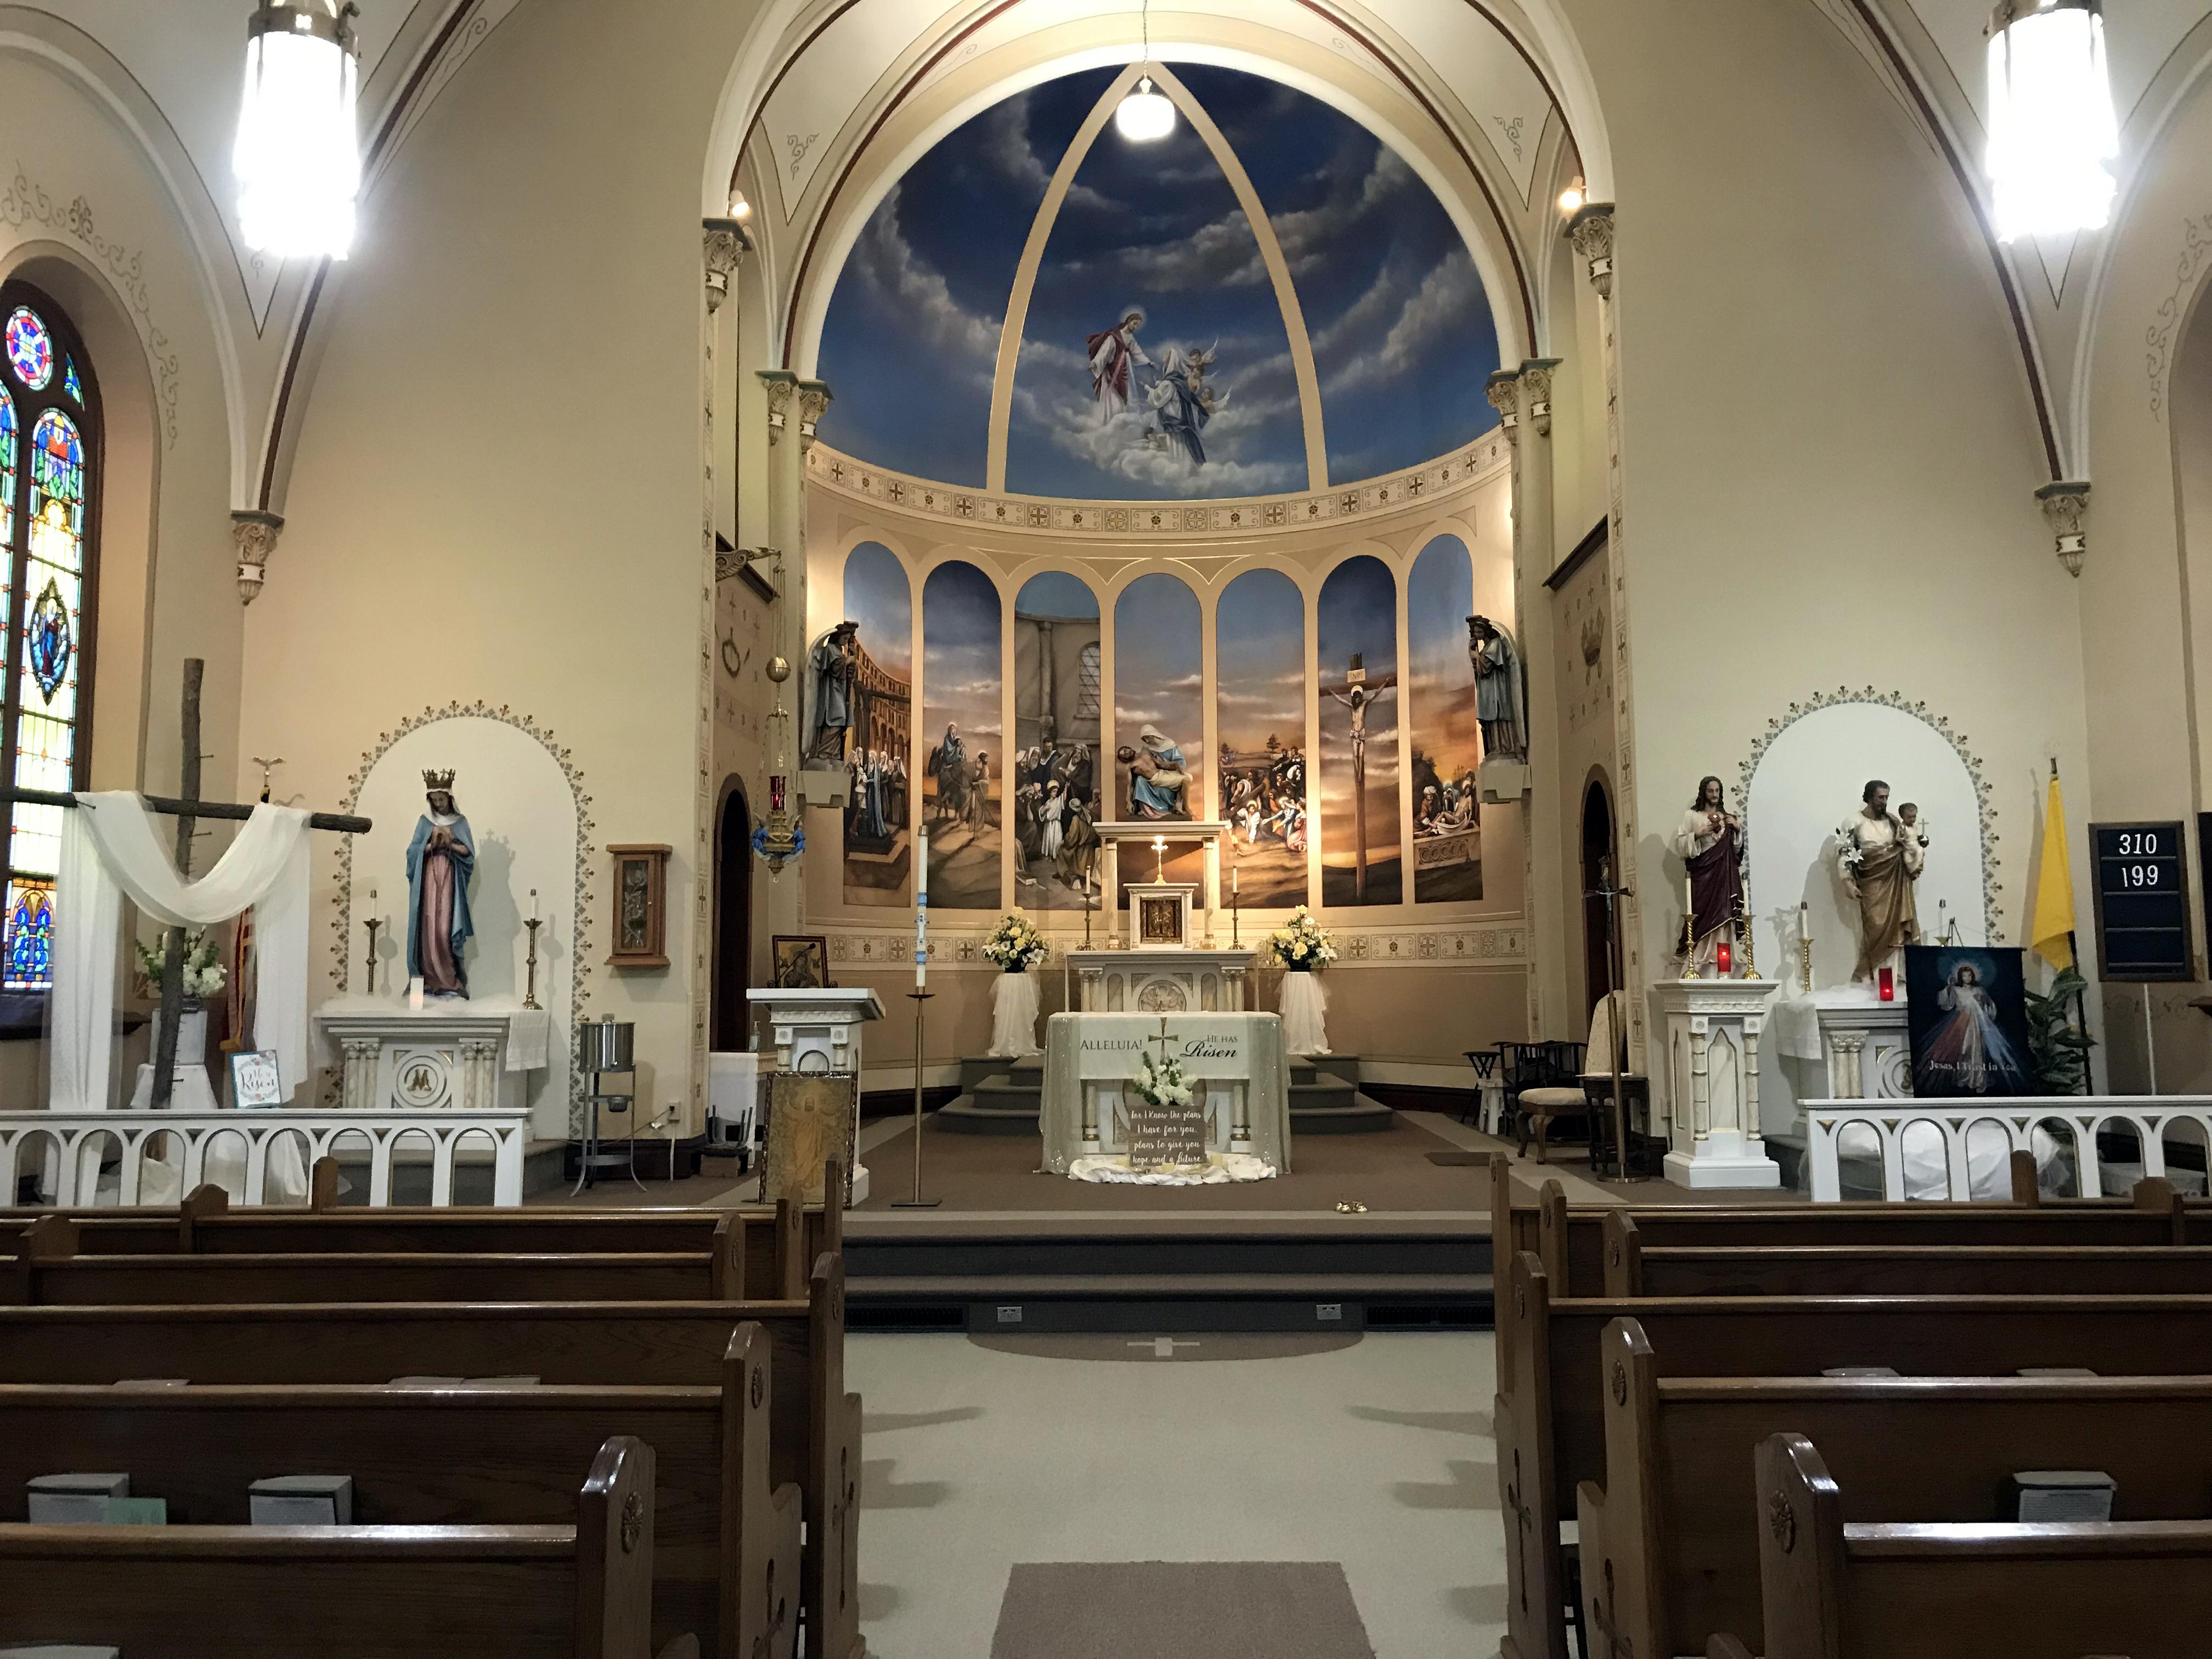 Catholic Church and Catholic School - Osmond, Nebraska